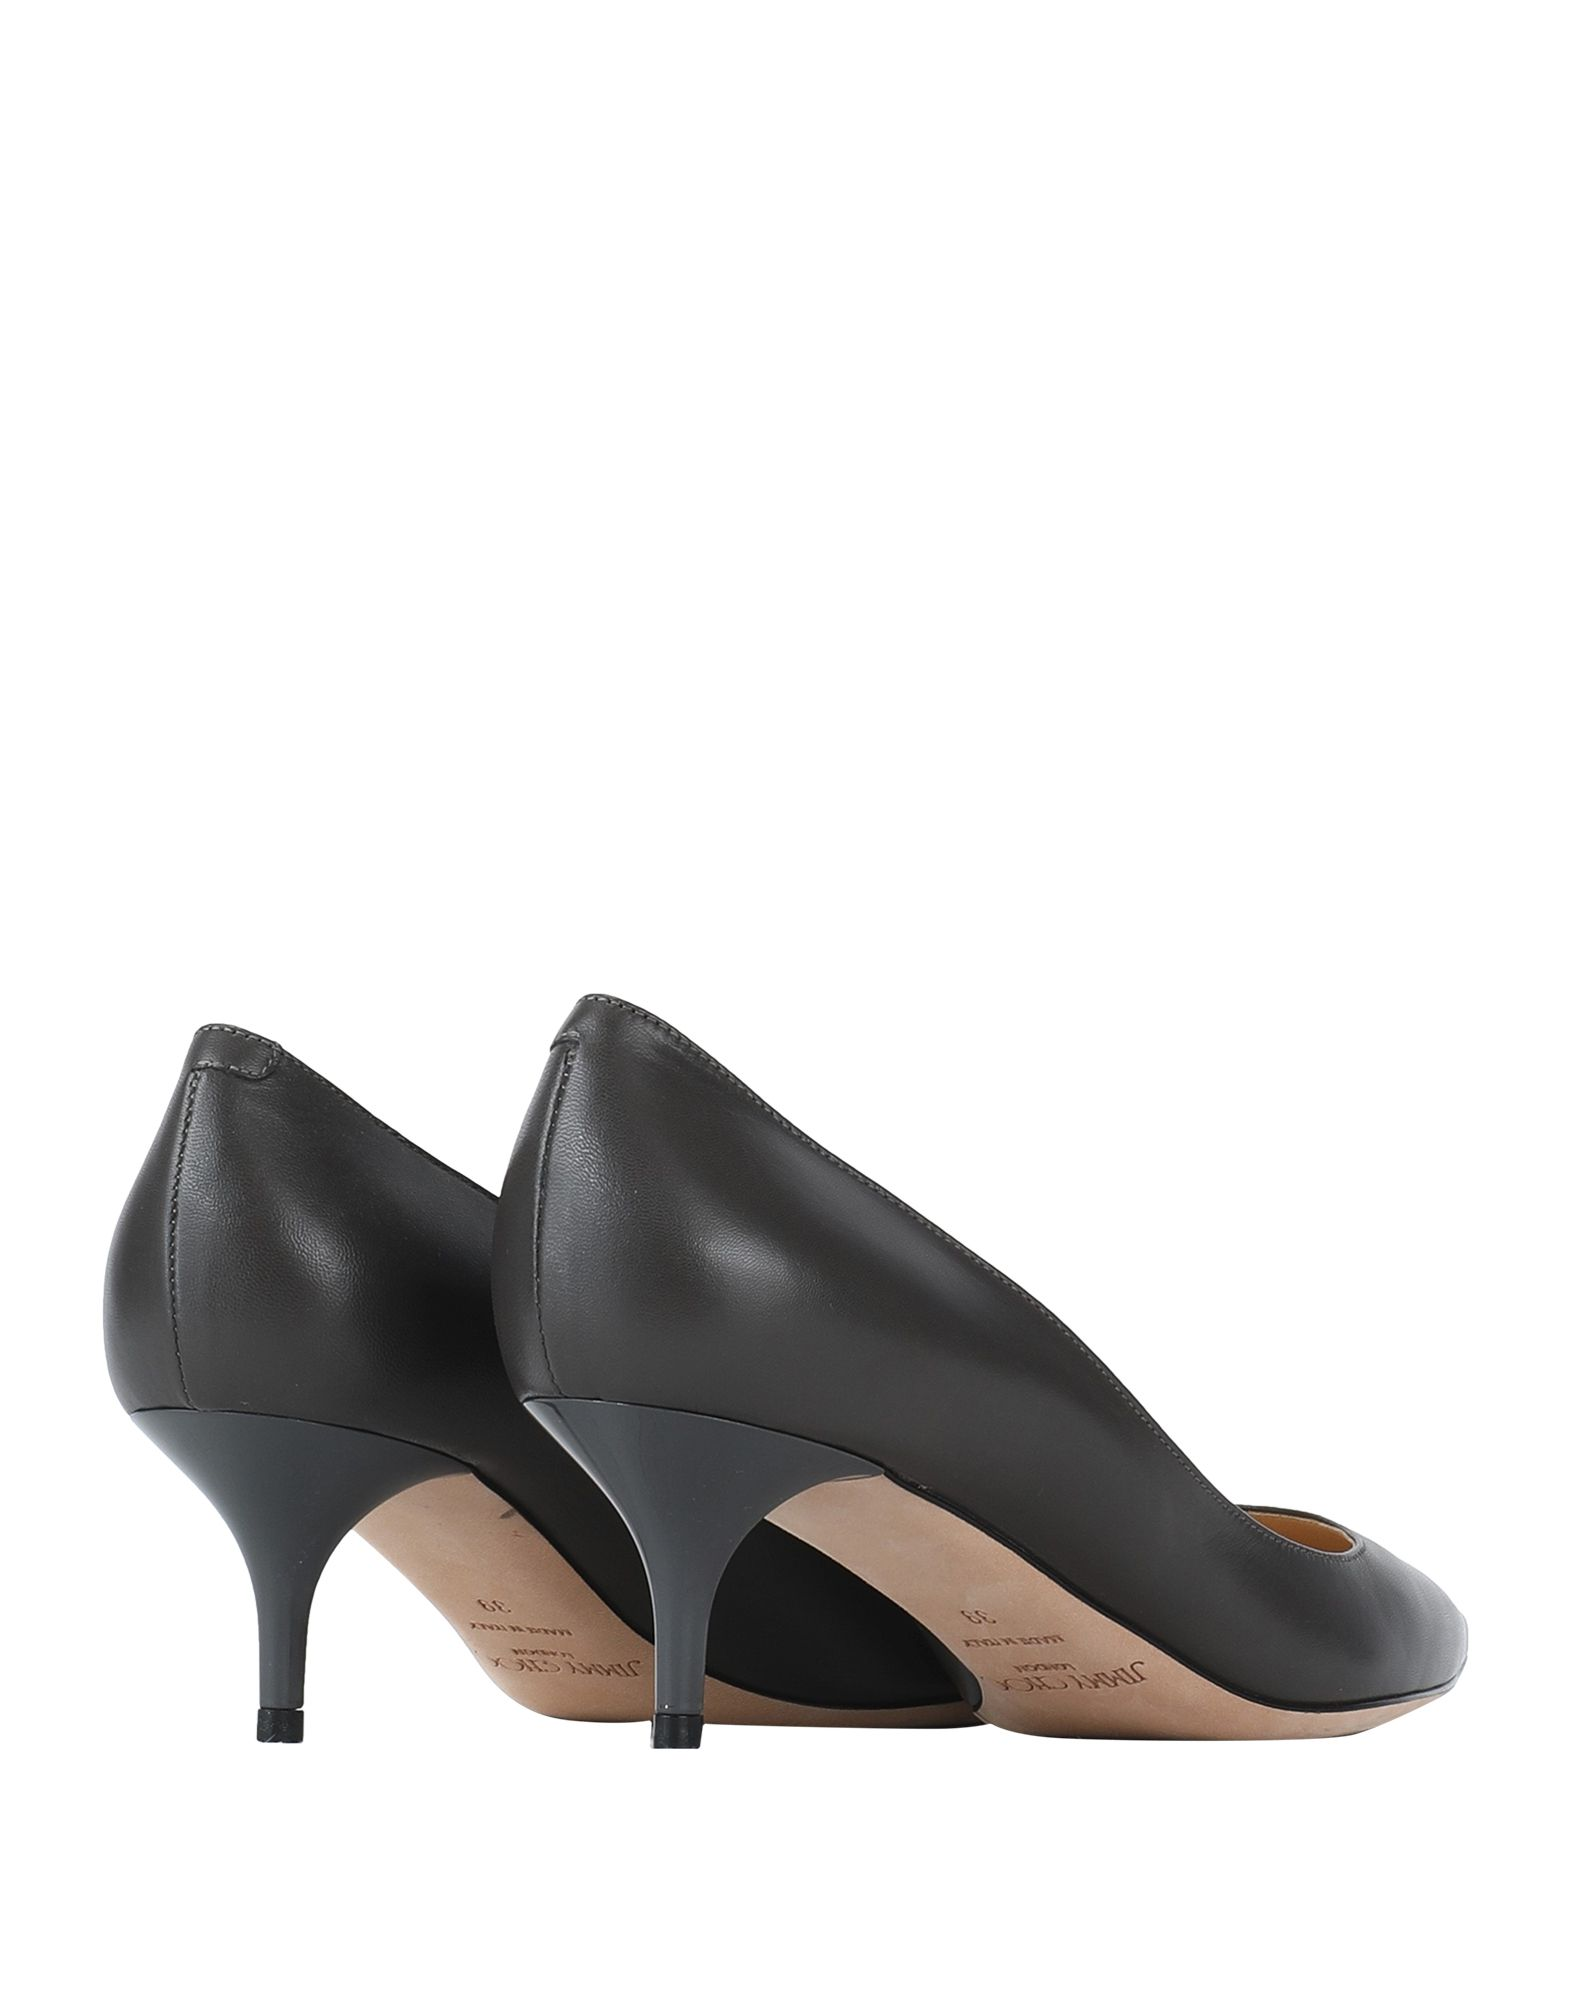 Rabatt Schuhe  Jimmy Choo Pumps Damen  Schuhe 11484787AK 84d996